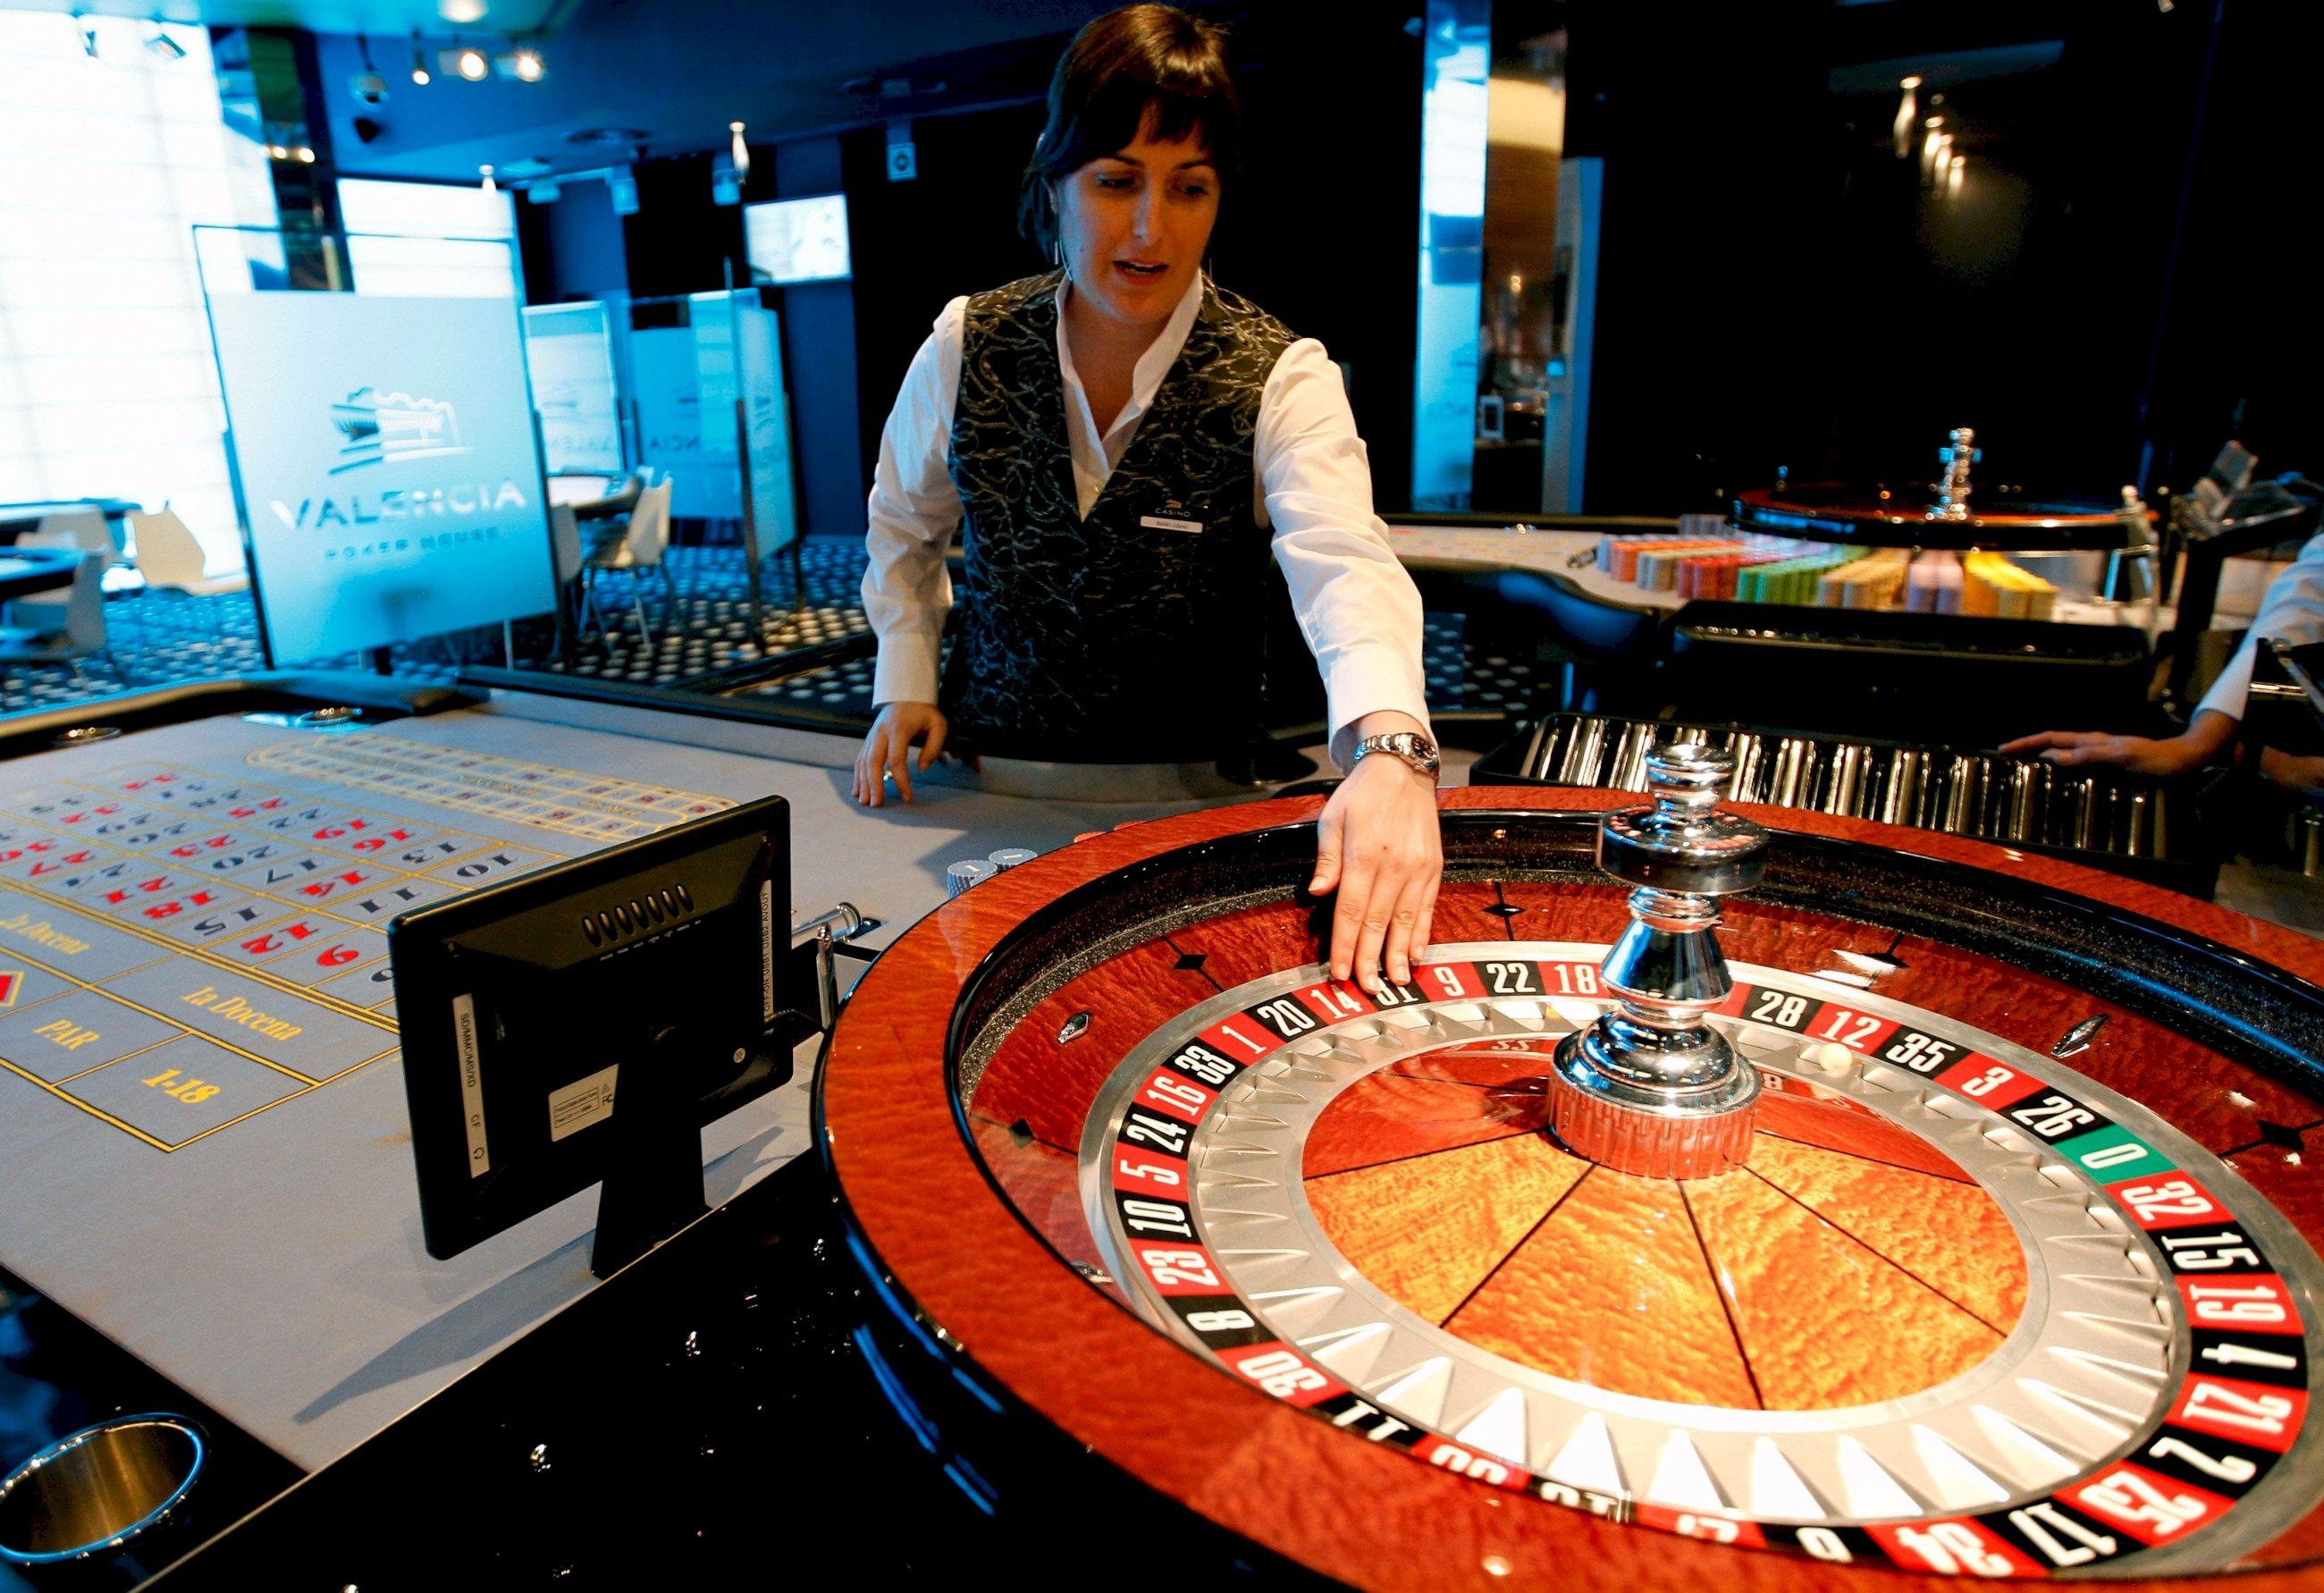 Una crupier prepara las ruletas del casino Cirsa de Valencia. EFE/ Juan Carlos Cárdenas